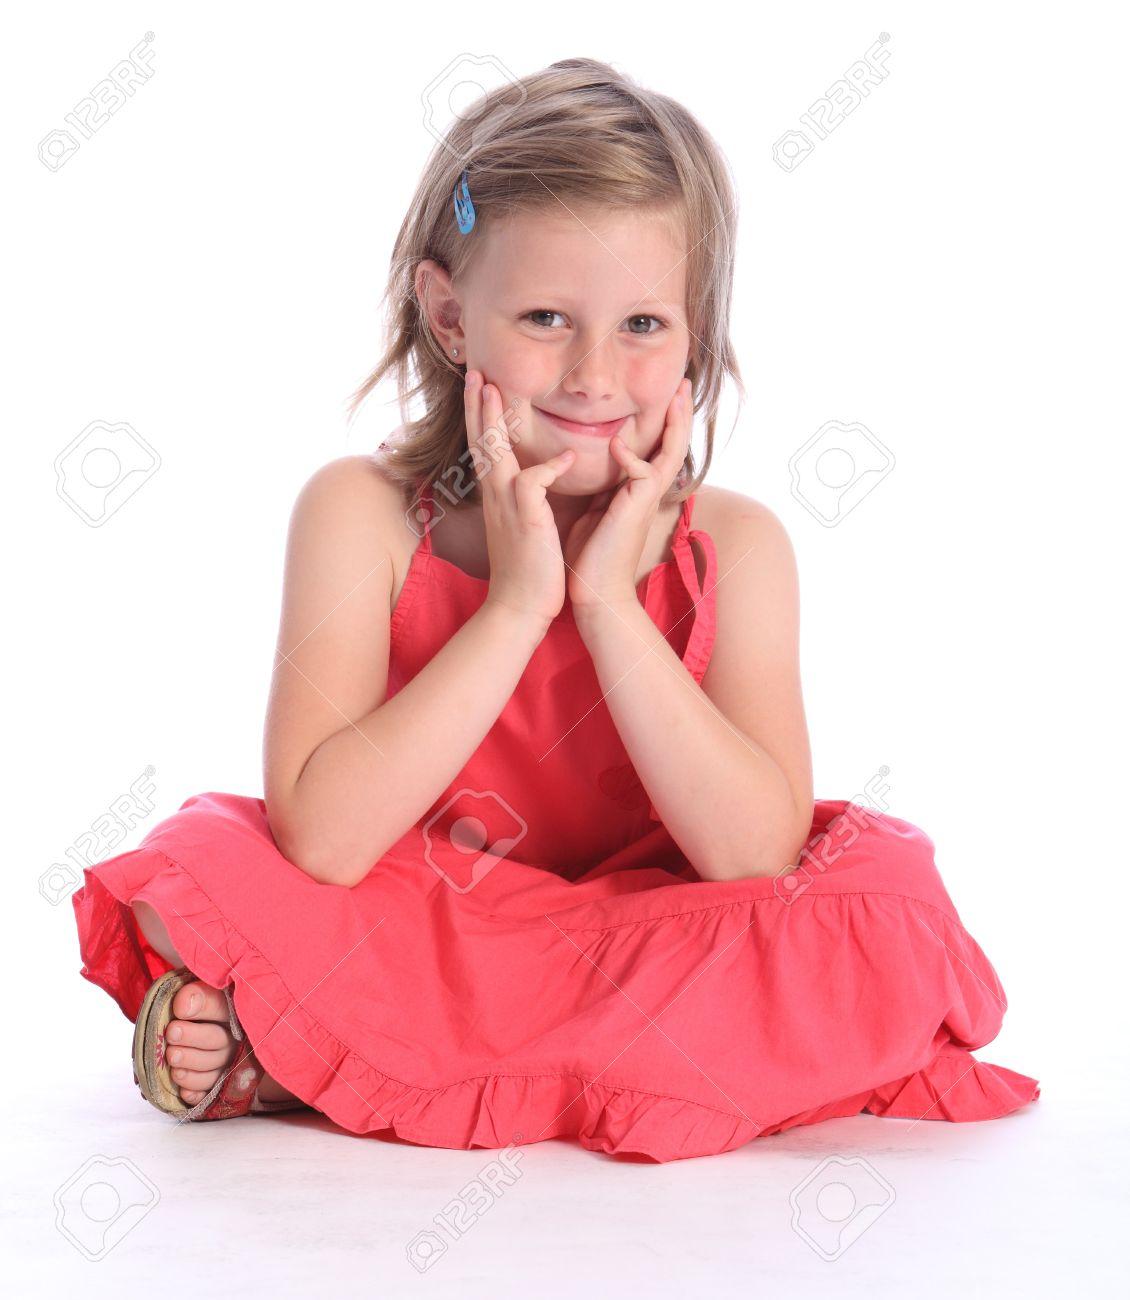 Linda Rubia De Seis Años Niña De La Escuela Primaria Con Un Vestido Rosa Coral Sentado Con Las Piernas Cruzadas En El Suelo Con Una Sonrisa Feliz